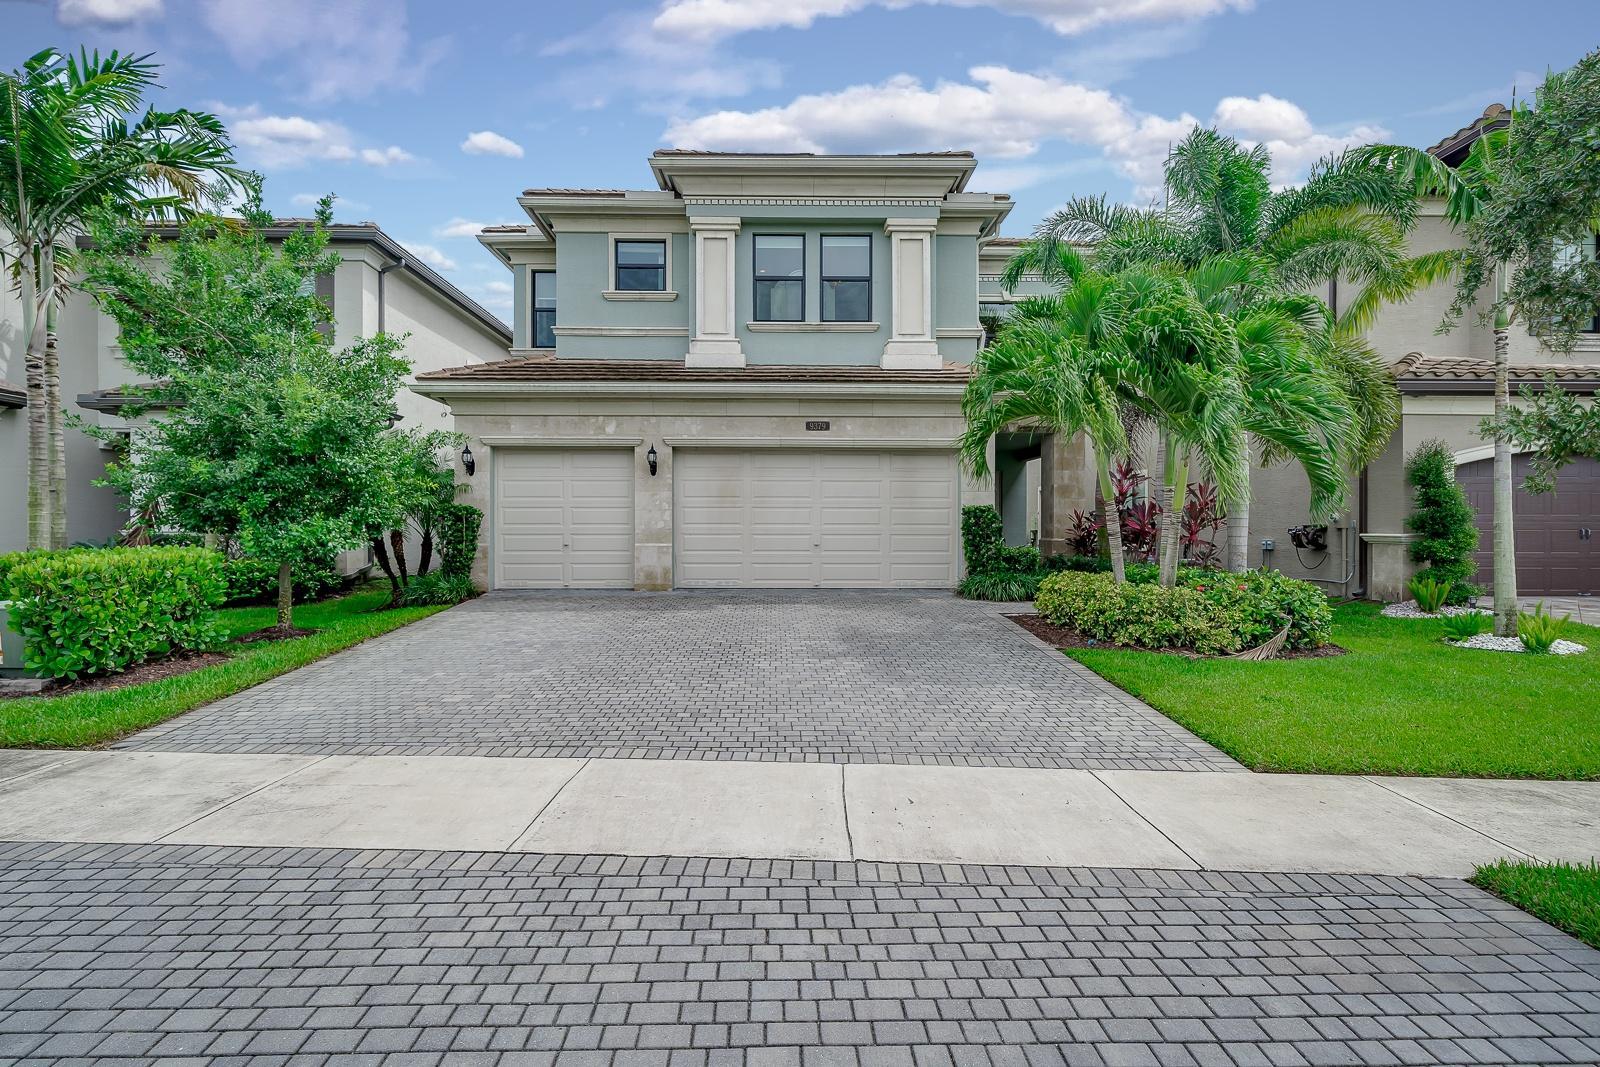 9379 Eden Roc Court  Delray Beach, FL 33446